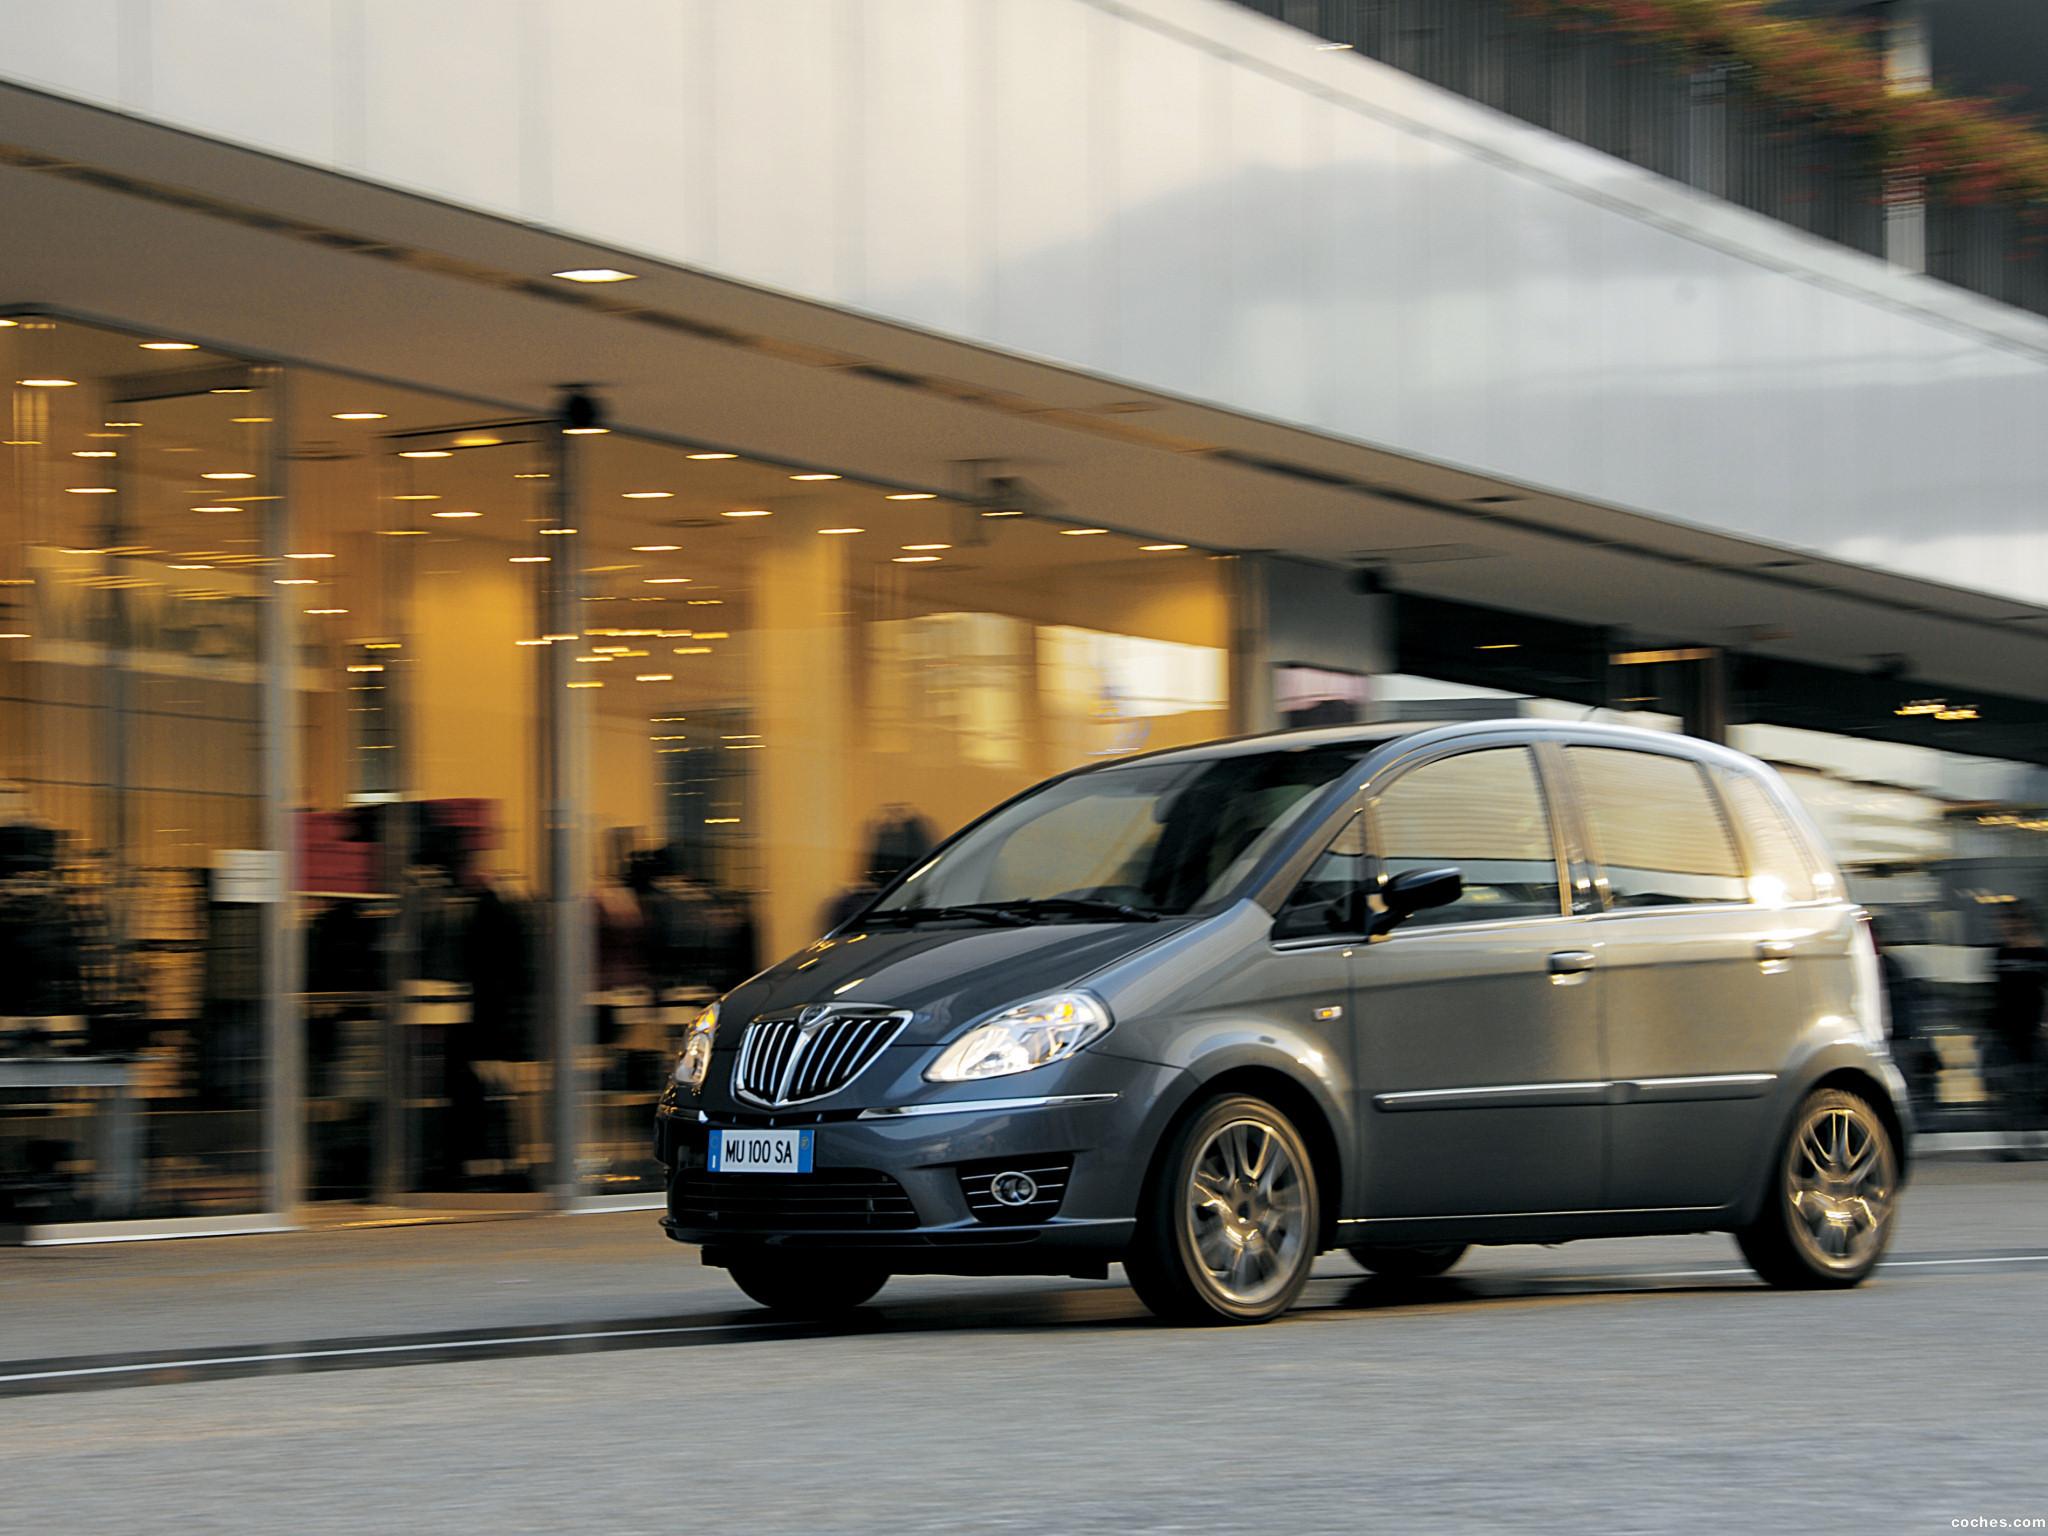 Fotos de lancia musa facelift 2008 foto 9 - Lancia musa diva ...